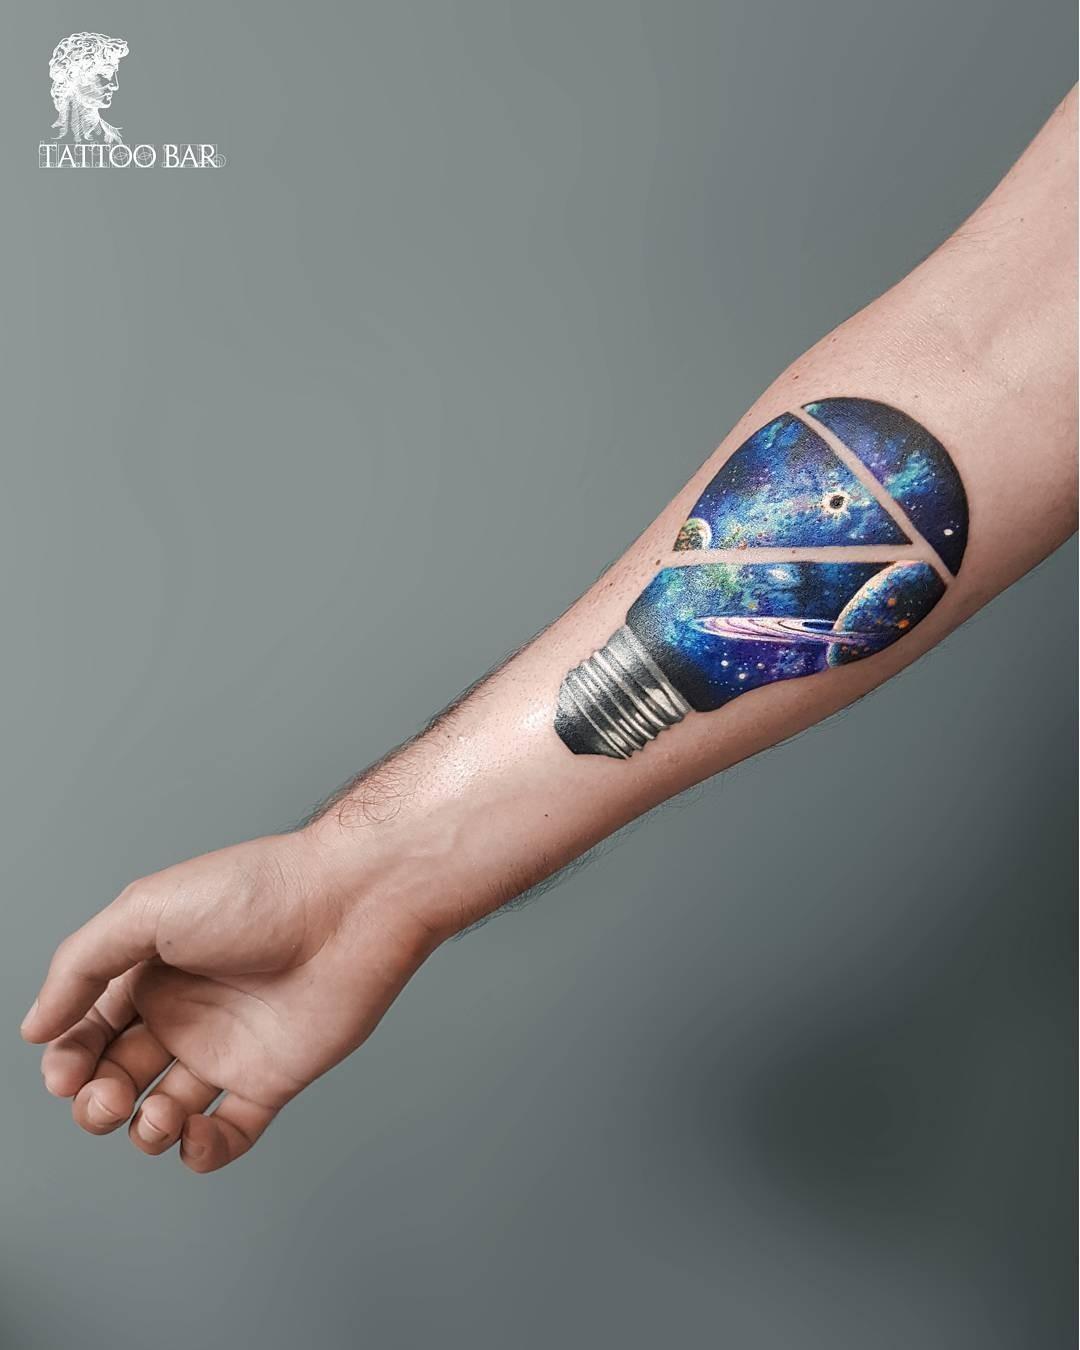 Пример татуировки, выполненной встиле акварели. Посмотри, насколько реалистично, объемно, будто трехмерно выглядит изображение. Одной изсамых распространенных форм длякосмического пейз...